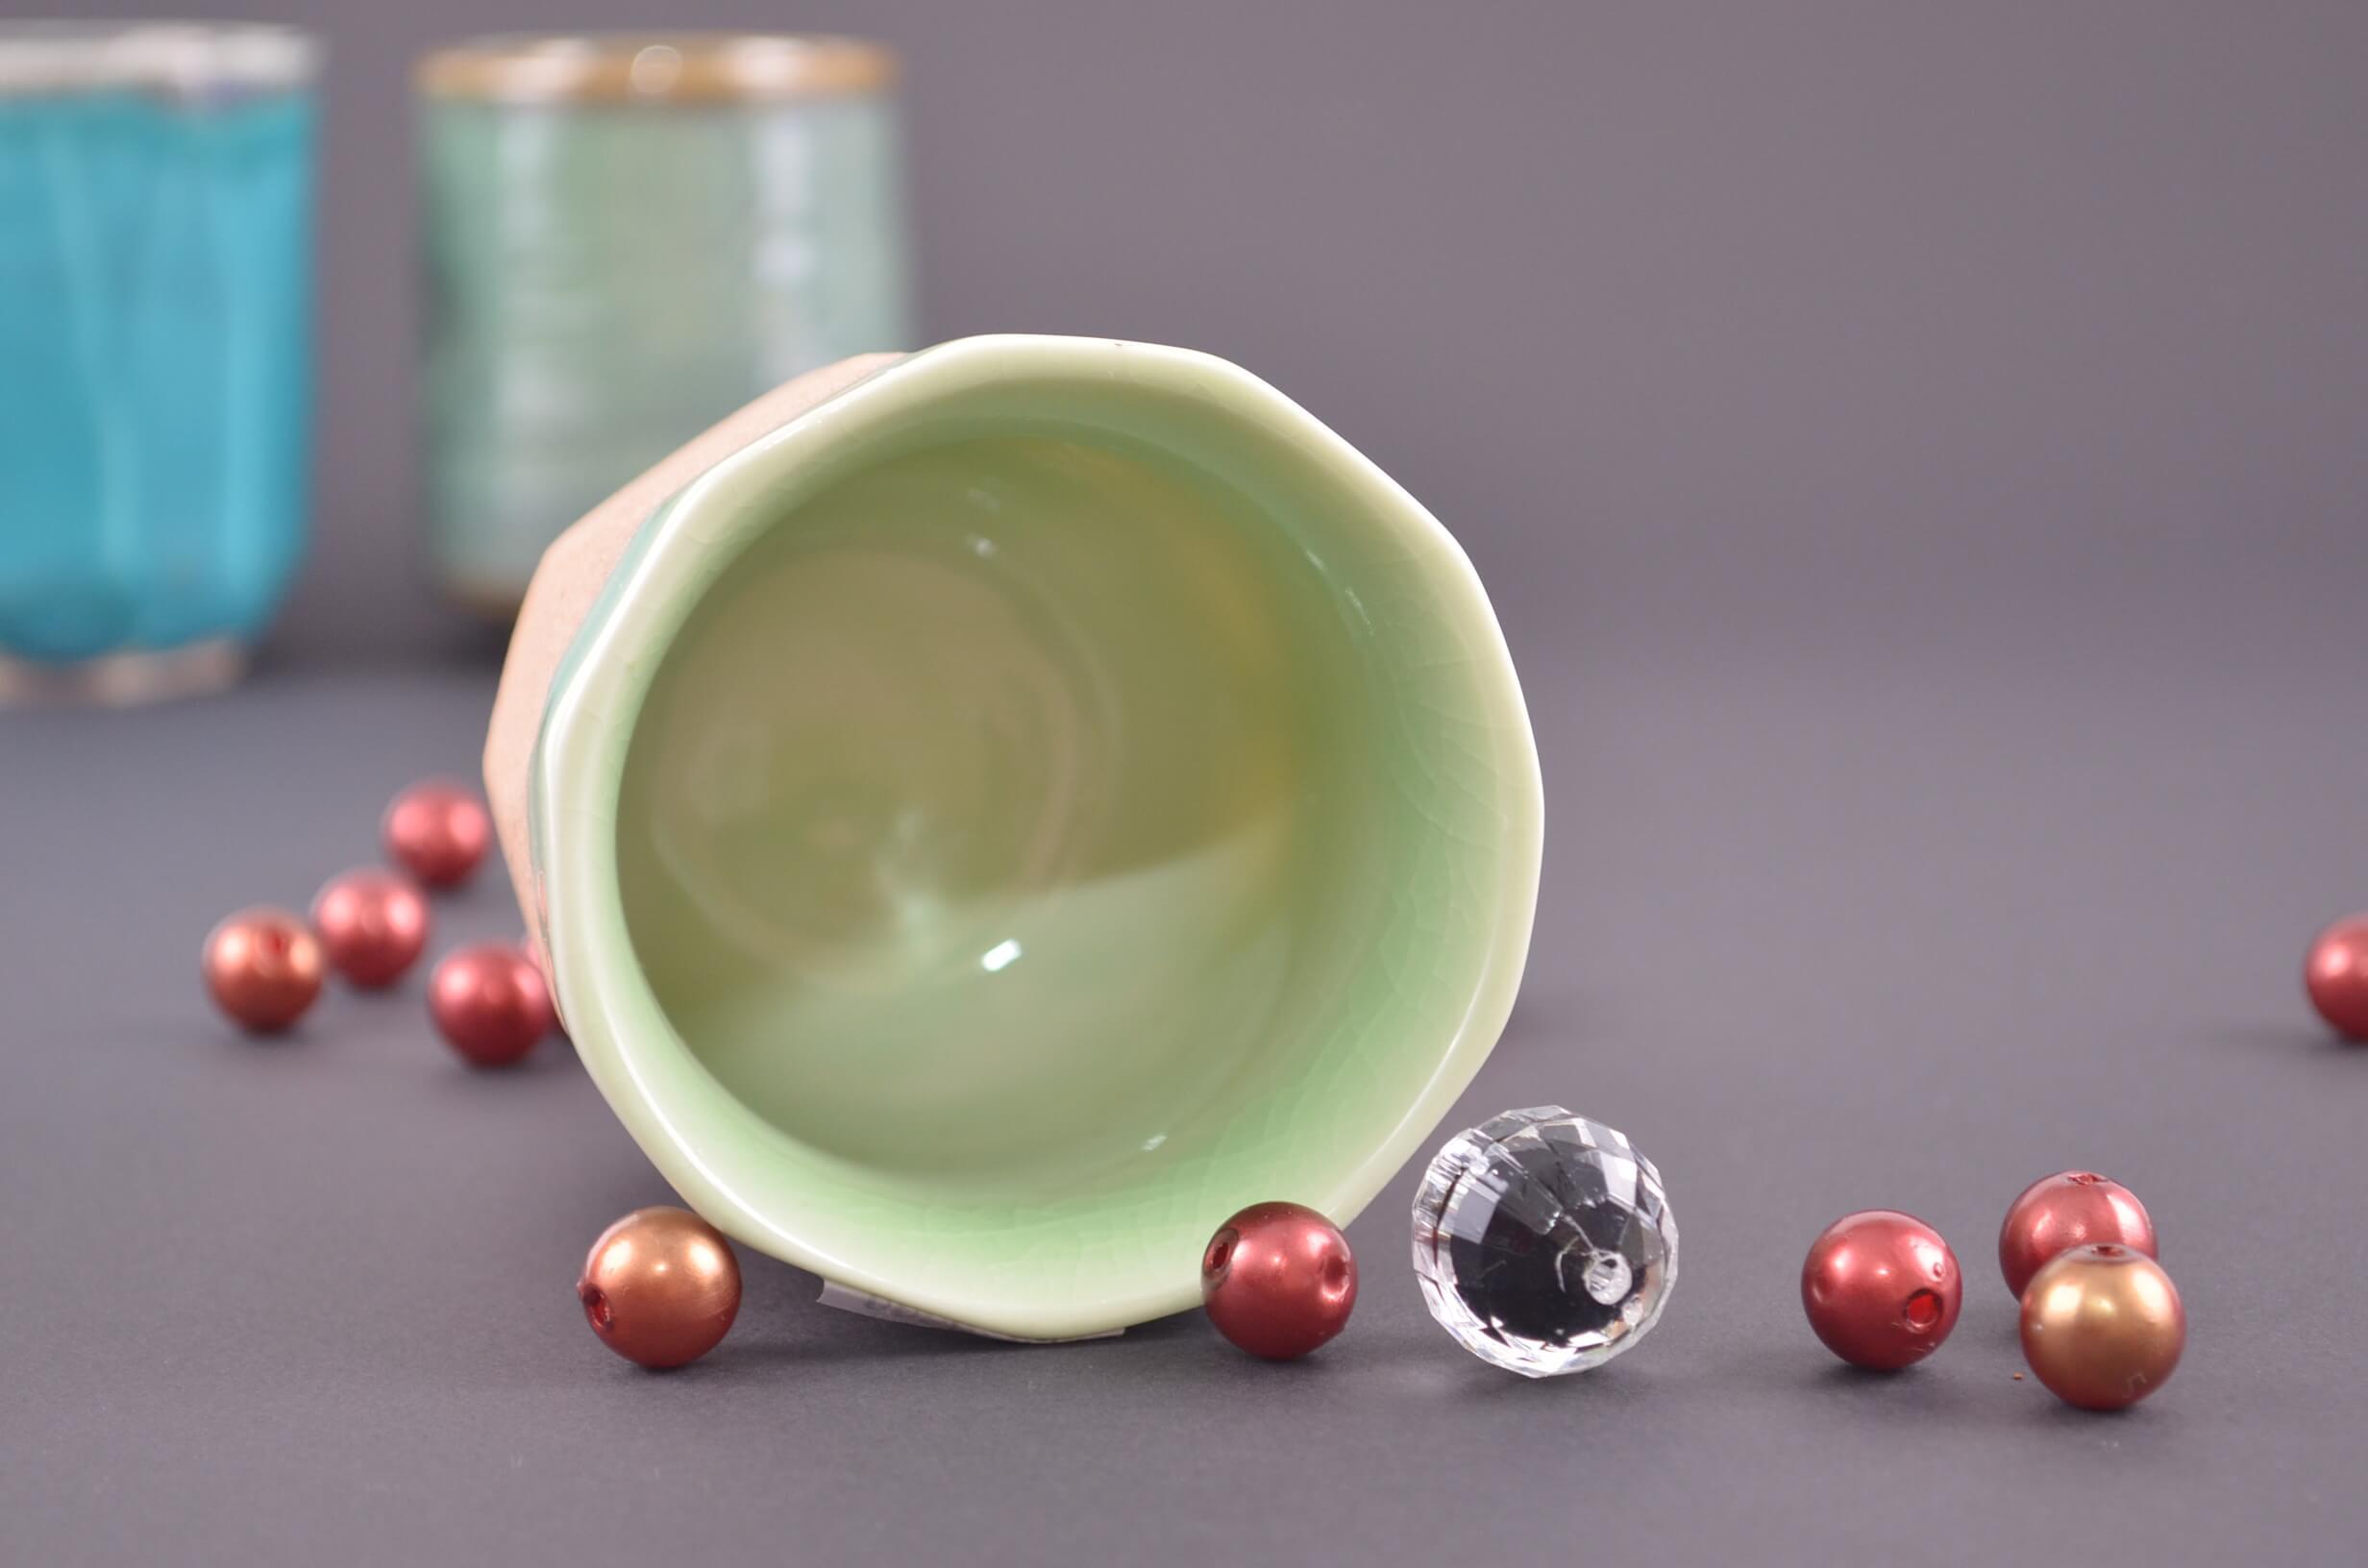 czarka do picia herbaty, czarka do herbaty, japońska czarka, hiwa yunomi